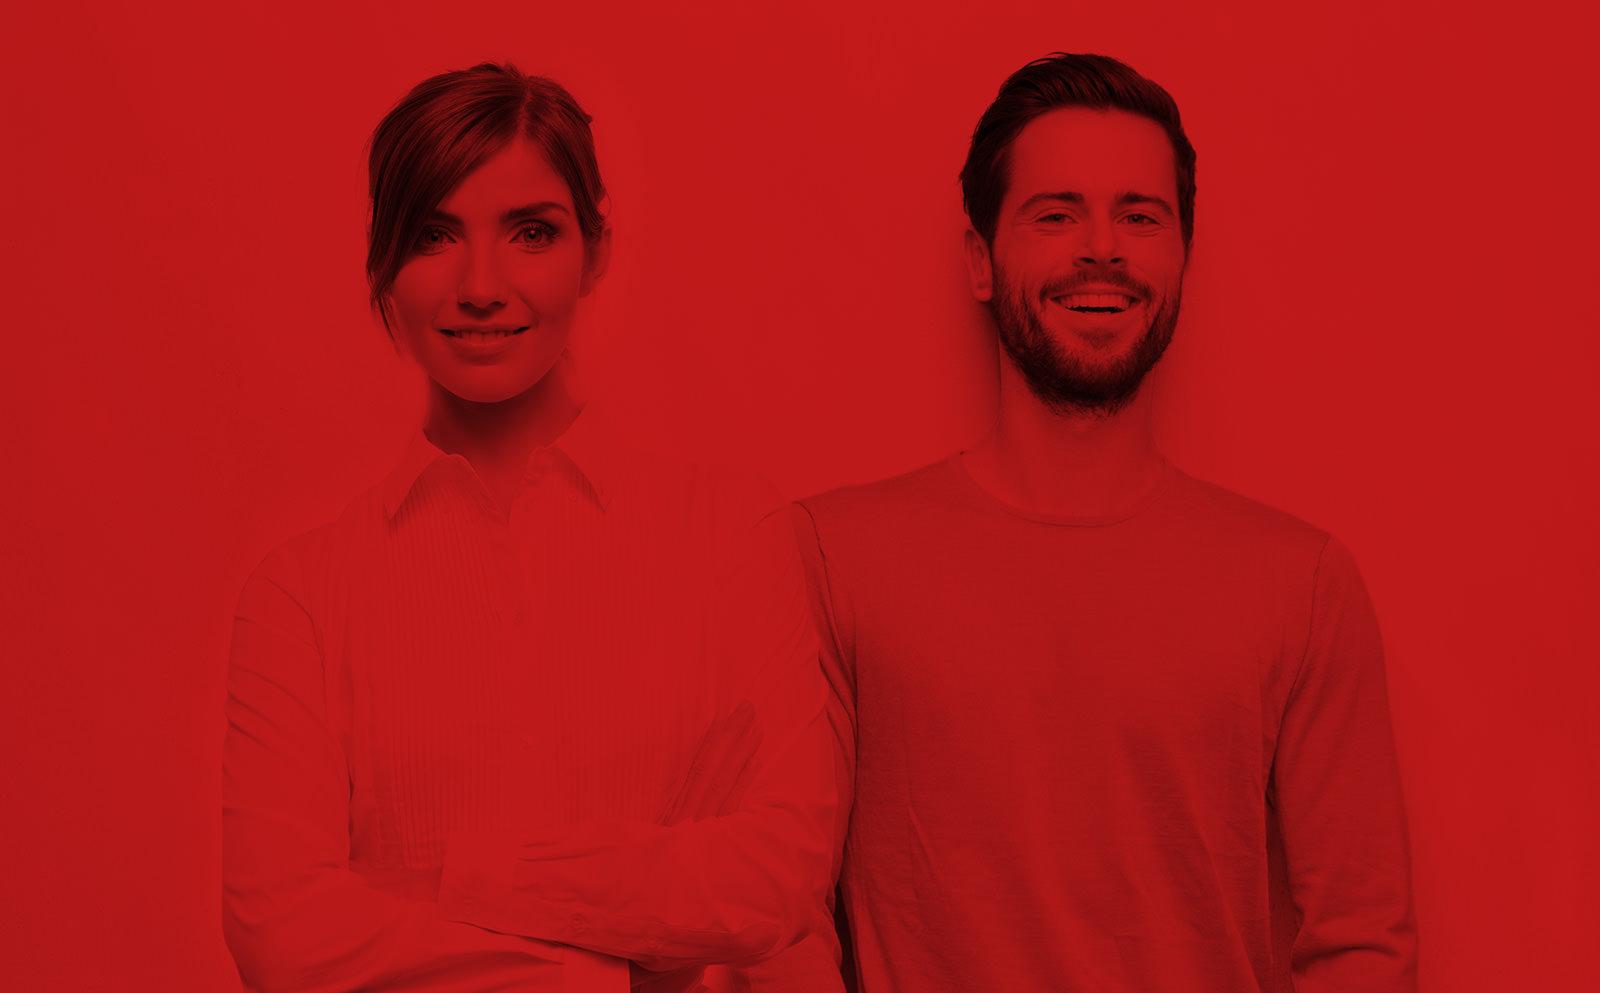 Foto rot gefärbt zwei Personen